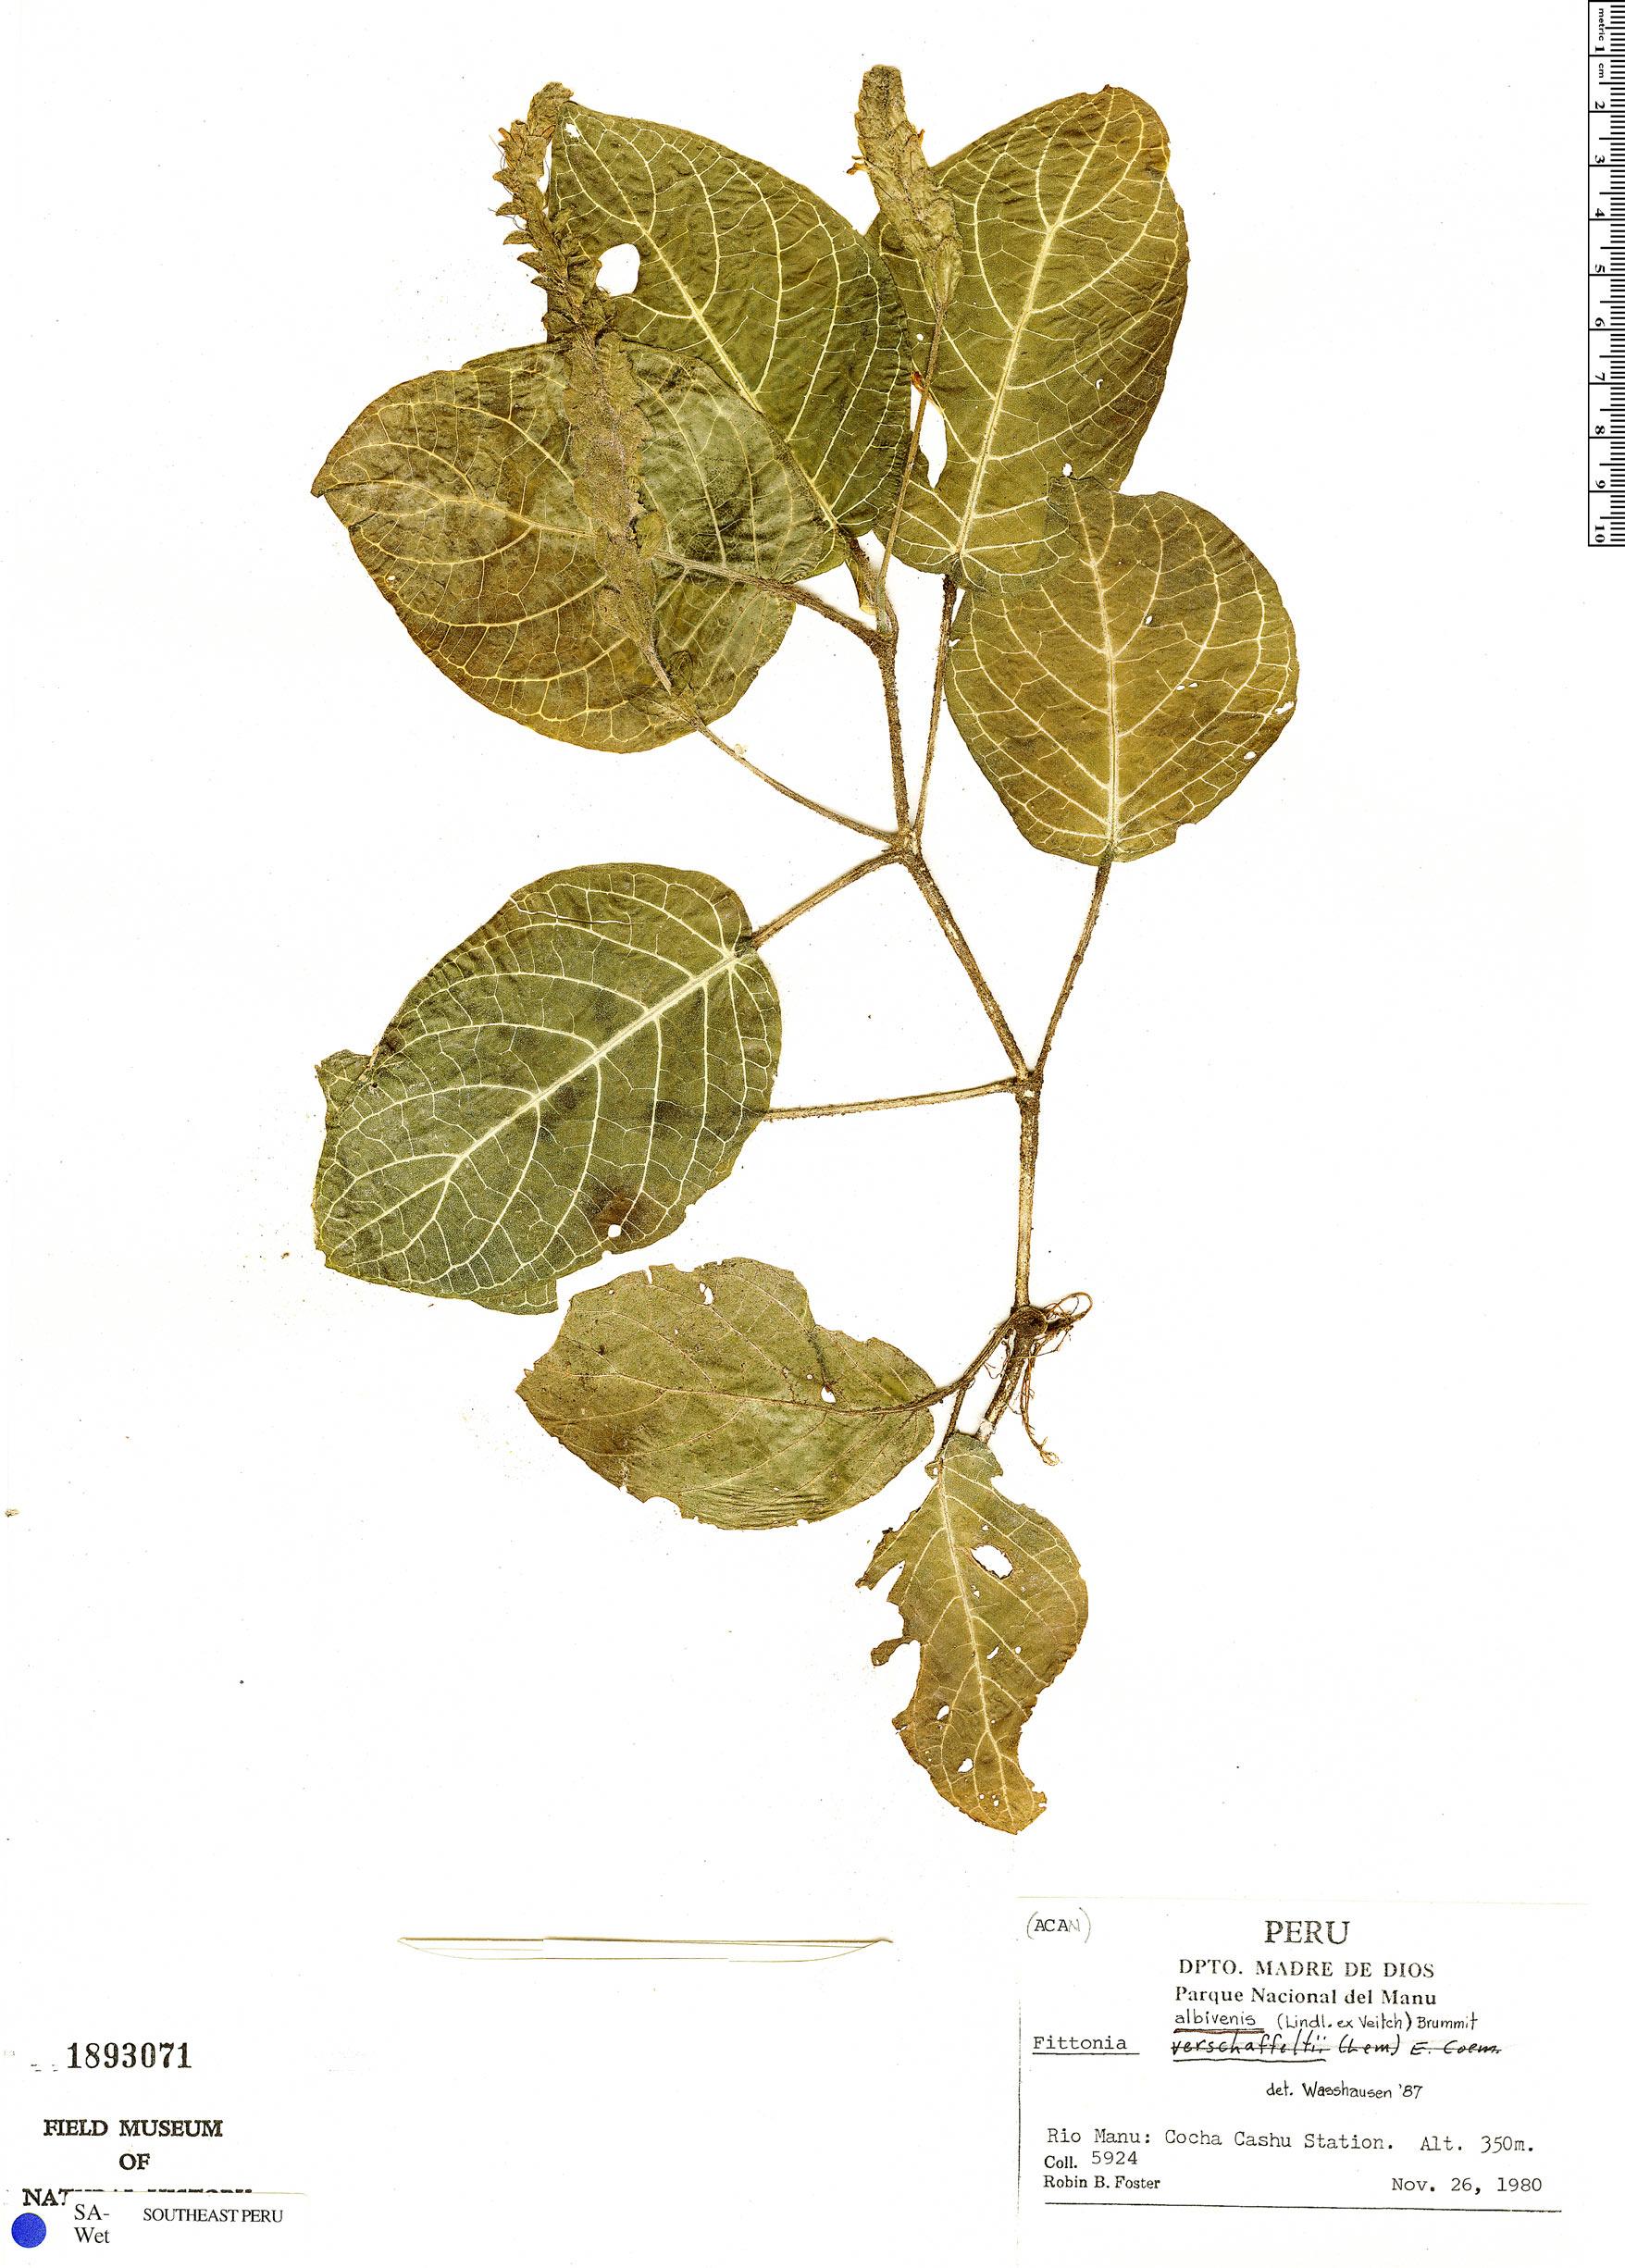 Specimen: Fittonia albivenis